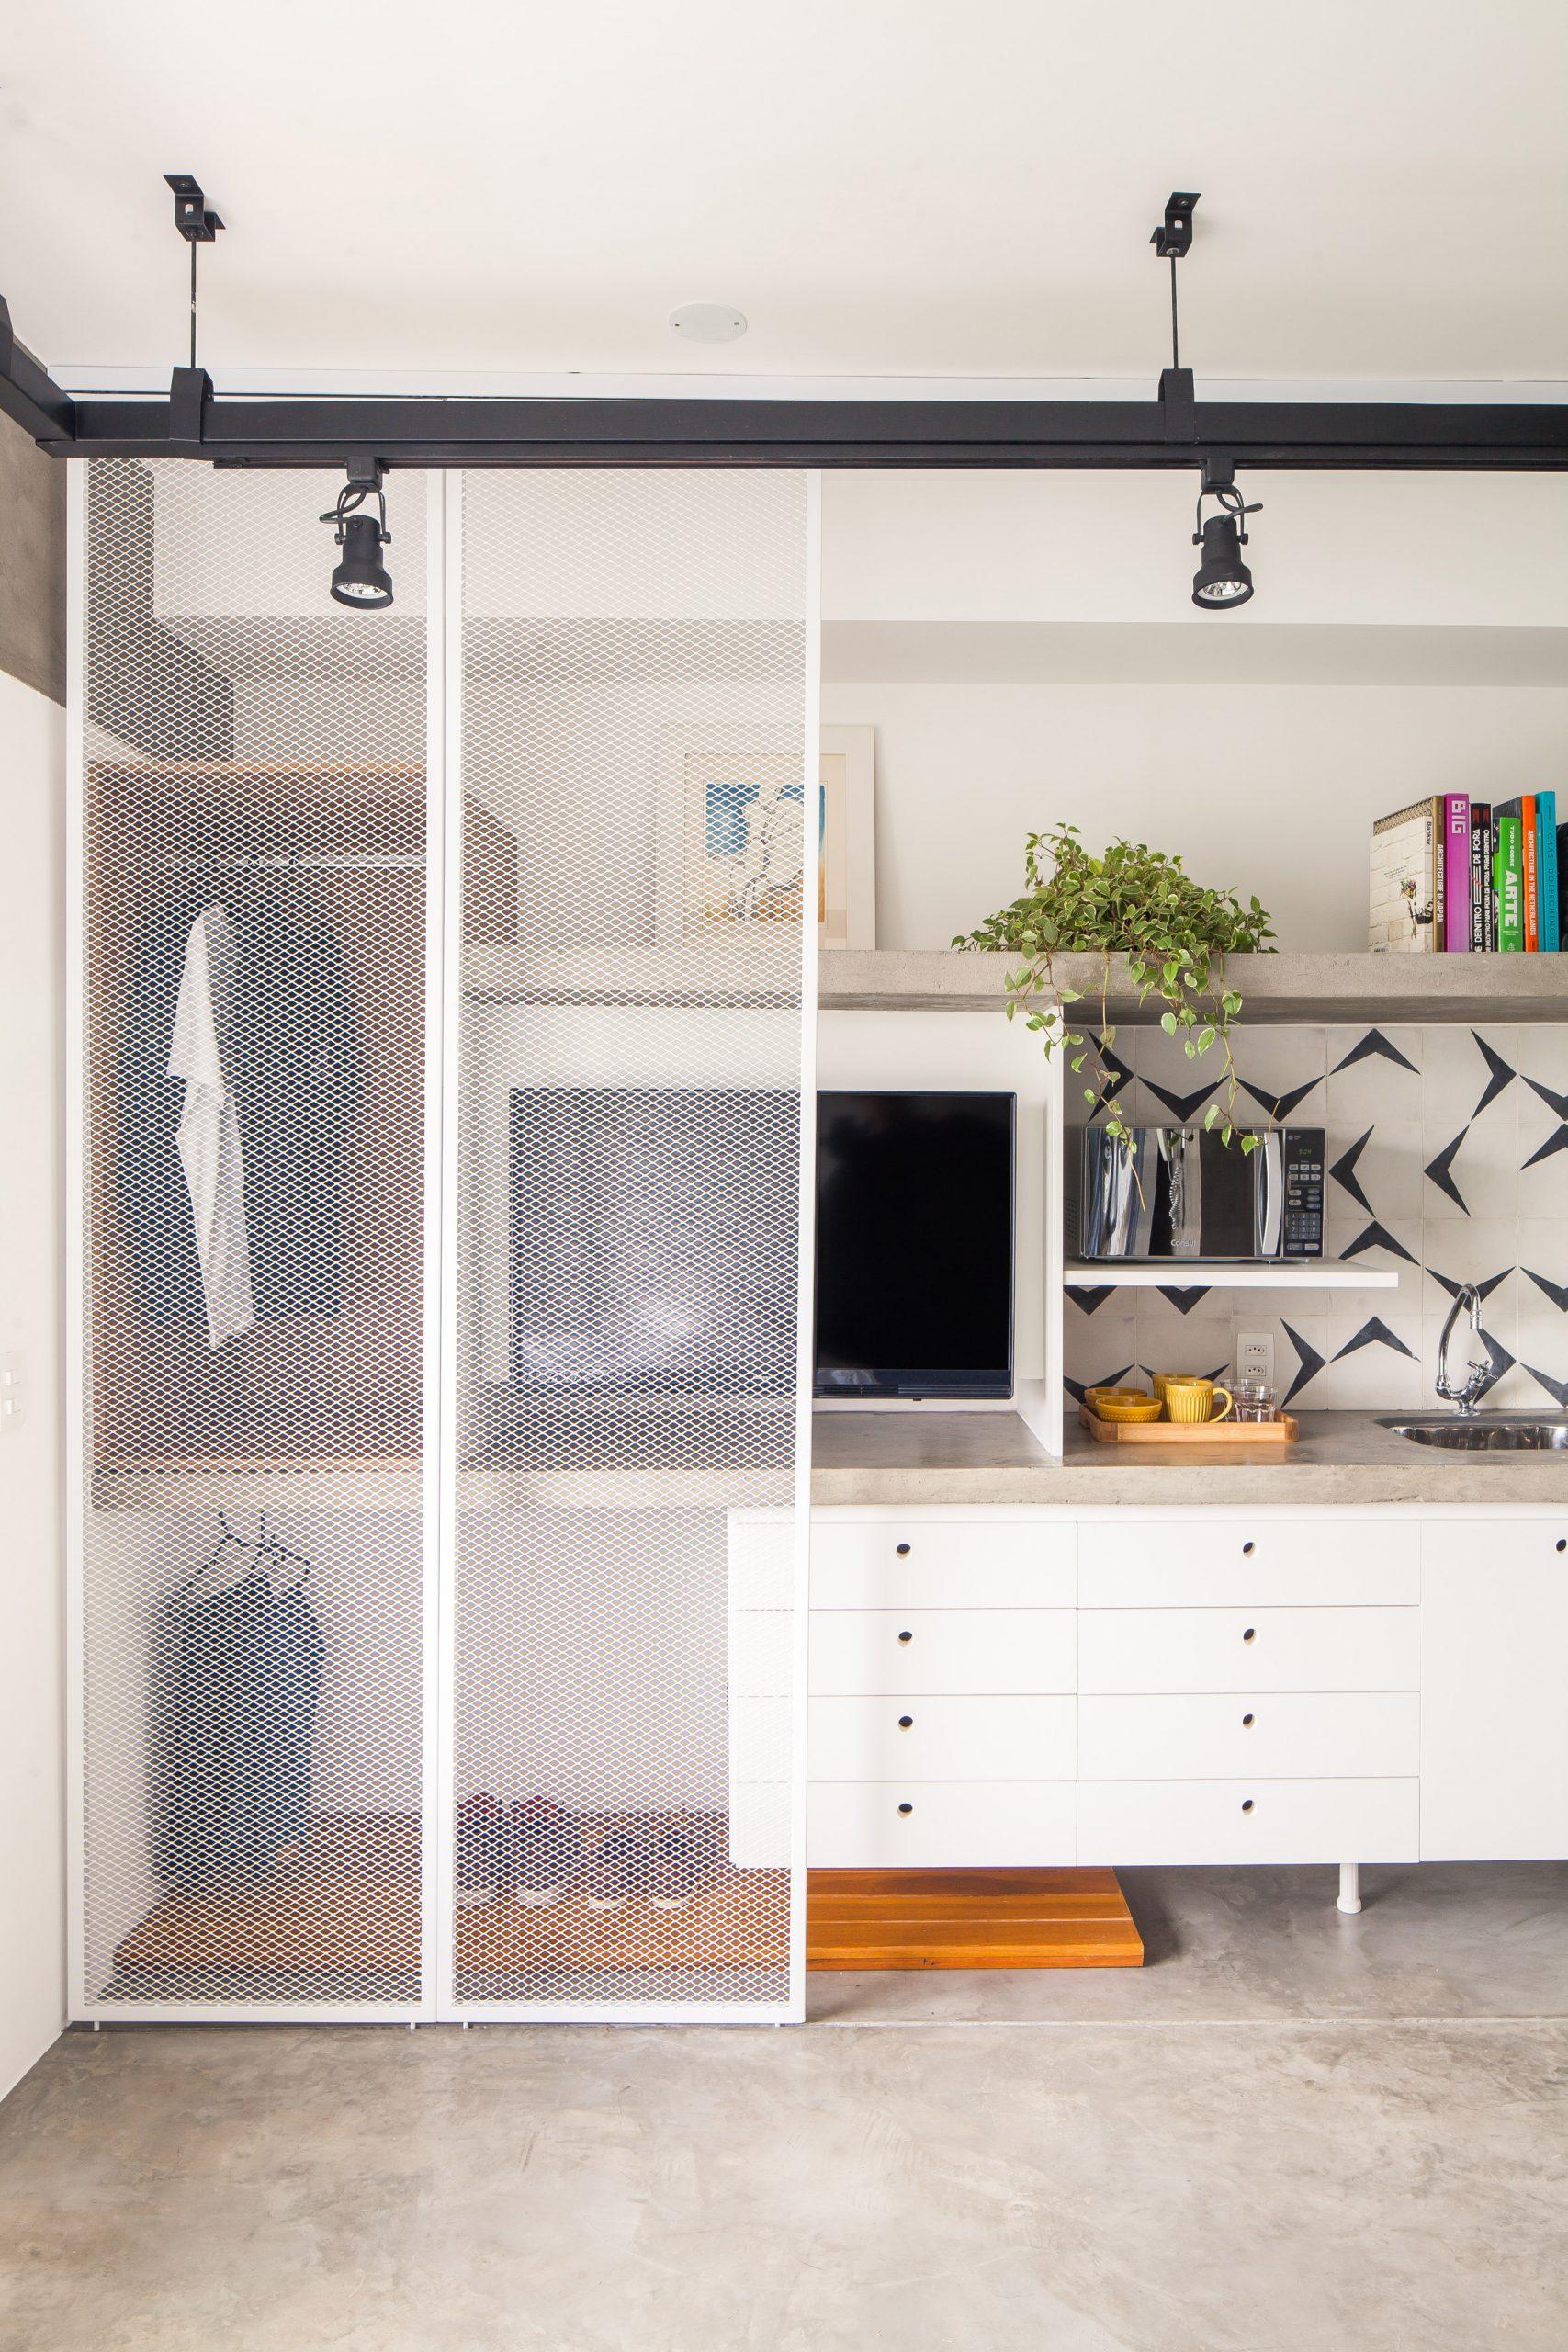 Thiết kế nội thất chung cư diện tích nhỏ 3